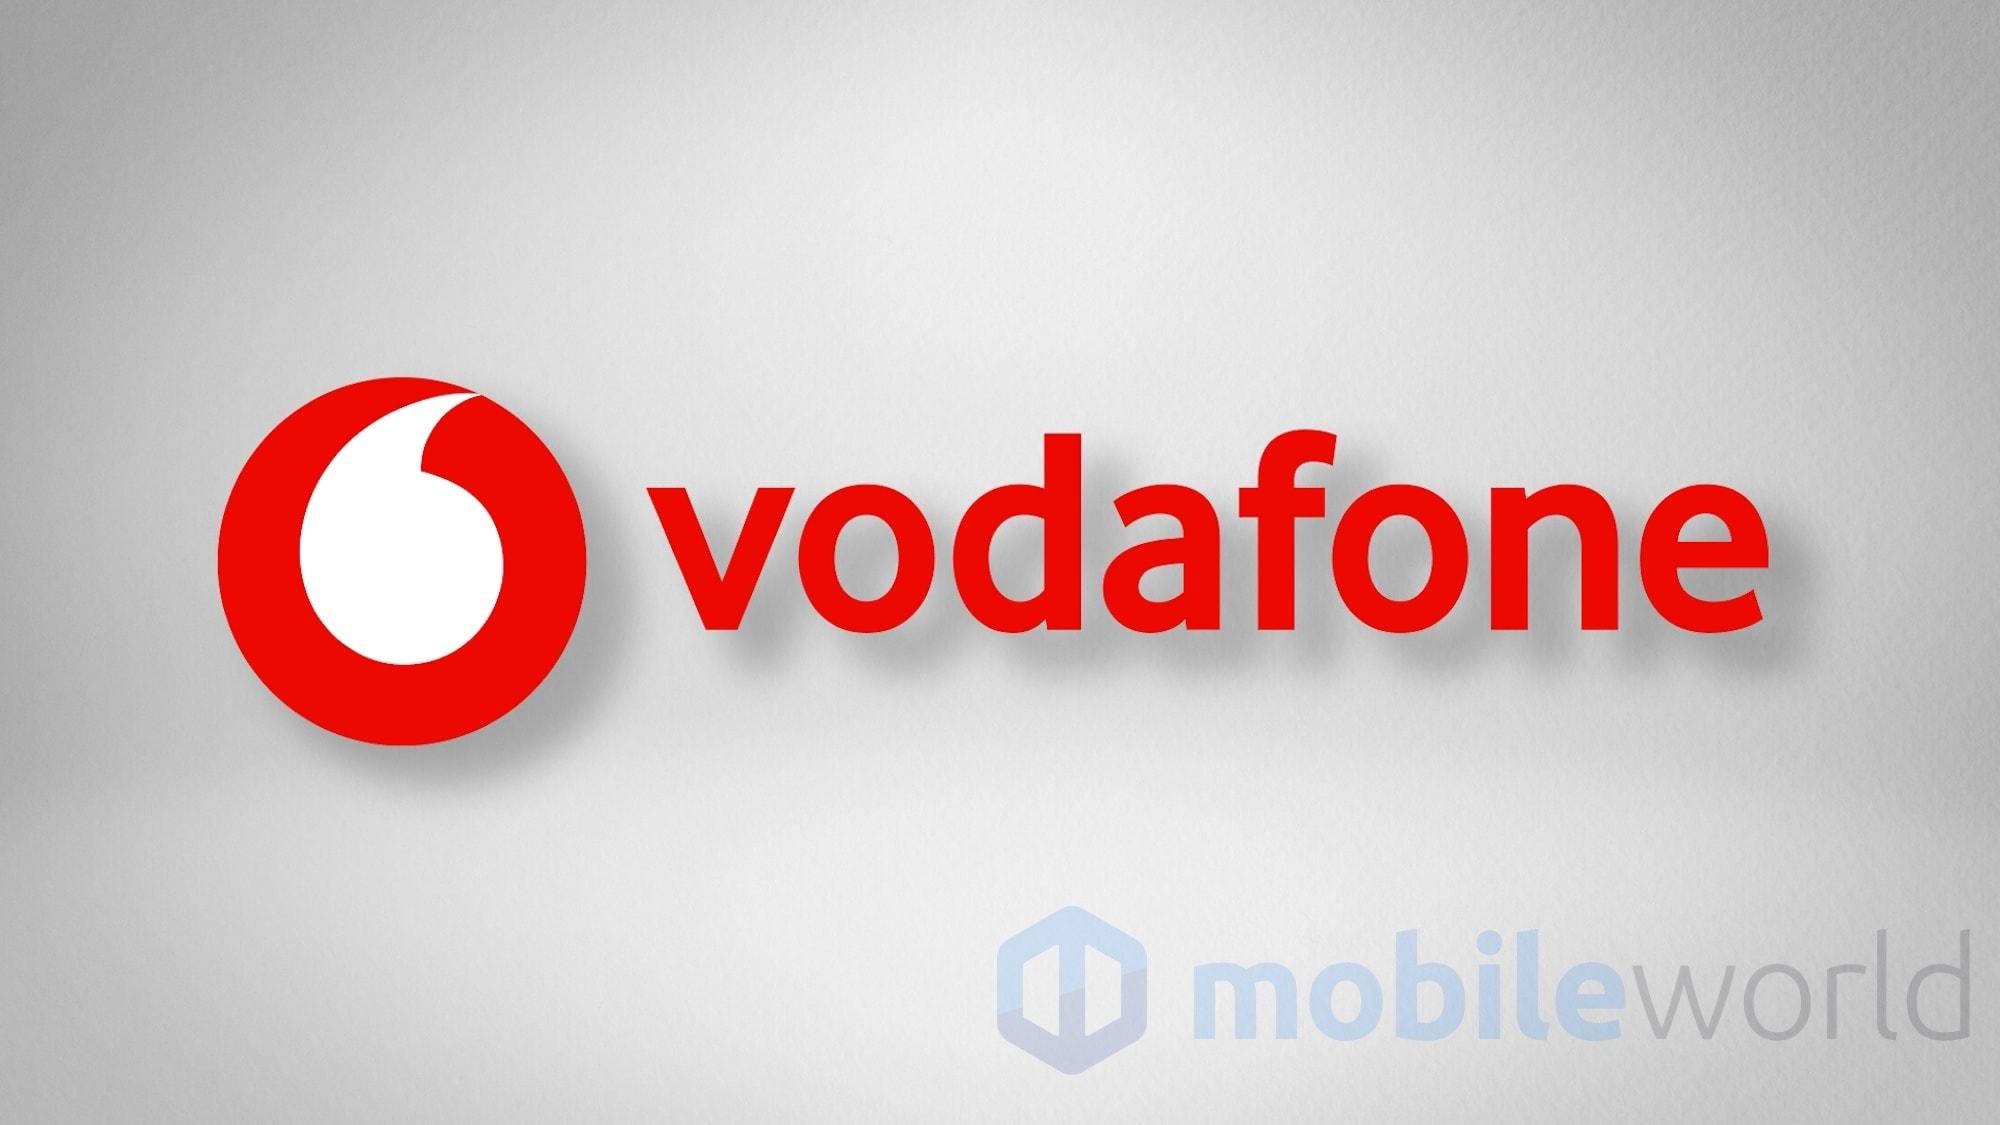 Vodafone, ghiotta promo per l'offerta di rete fissa: 24,90€ al mese tutto incluso, solo online